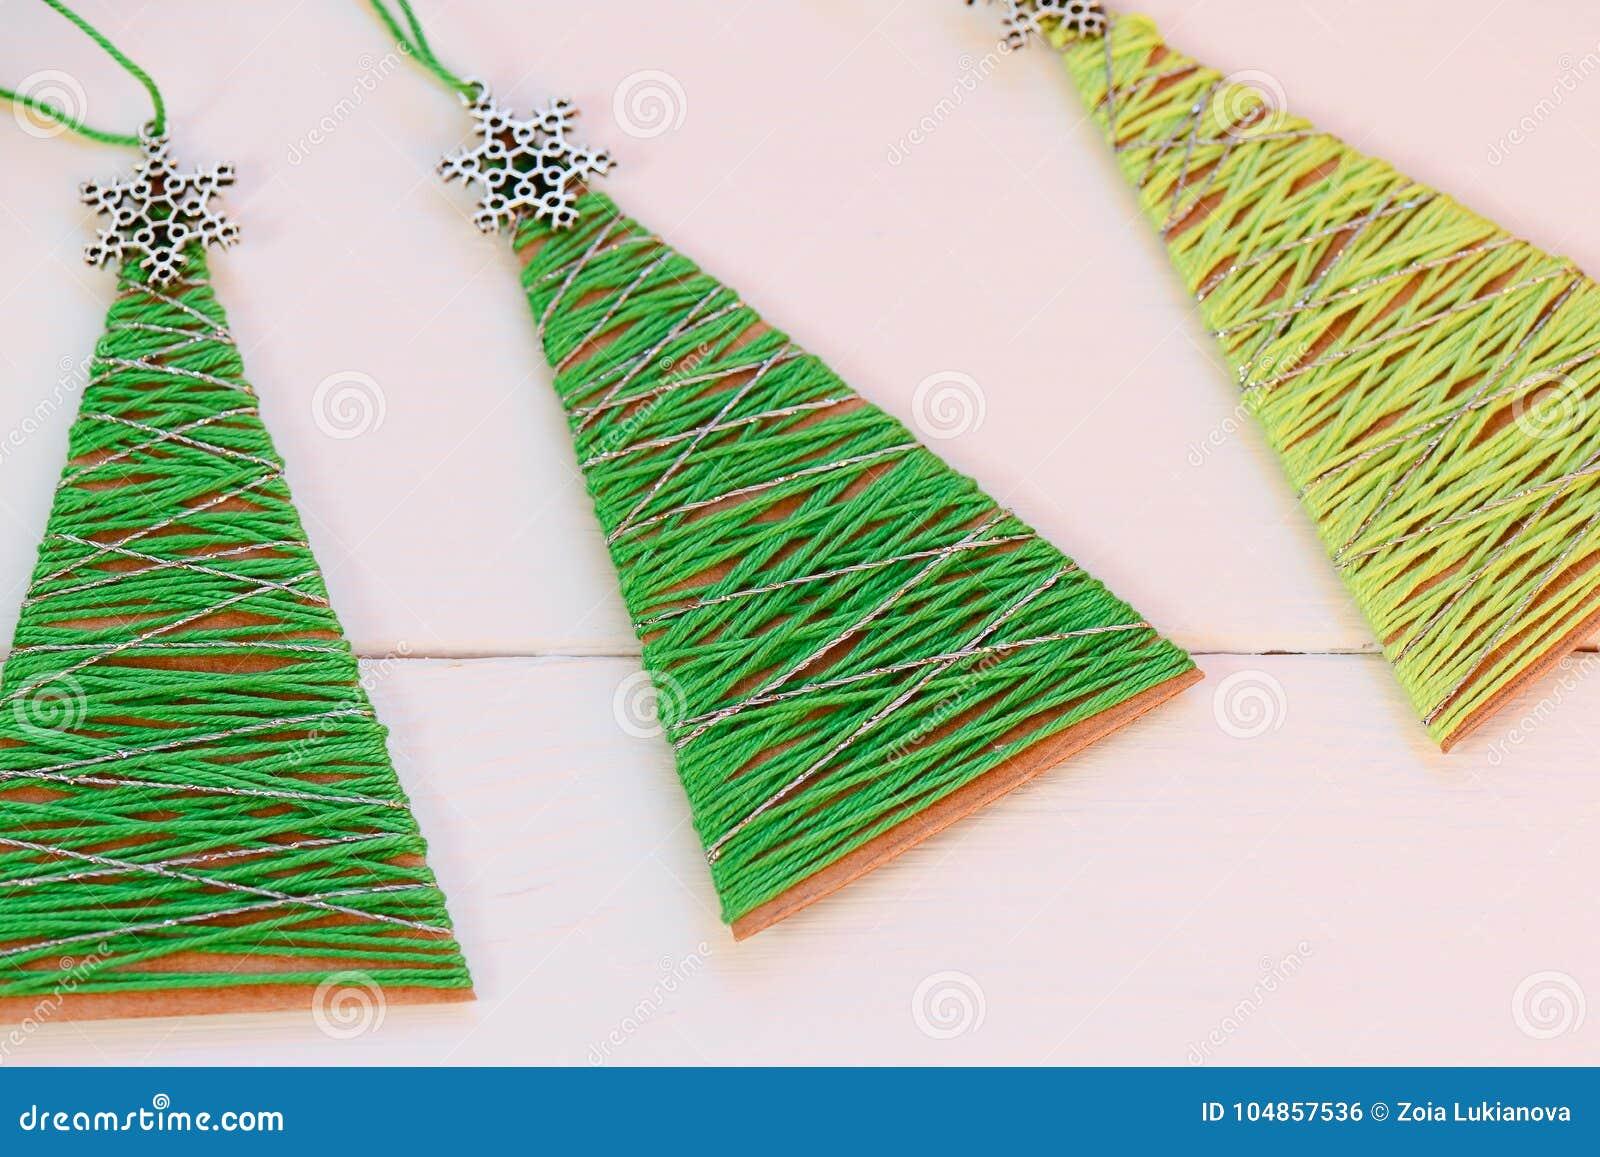 Kerstbomen op een houten lijst Creatieve Kerstbomen die van oud kartondoos en katoenen garen worden gemaakt Gerecycleerde ambacht